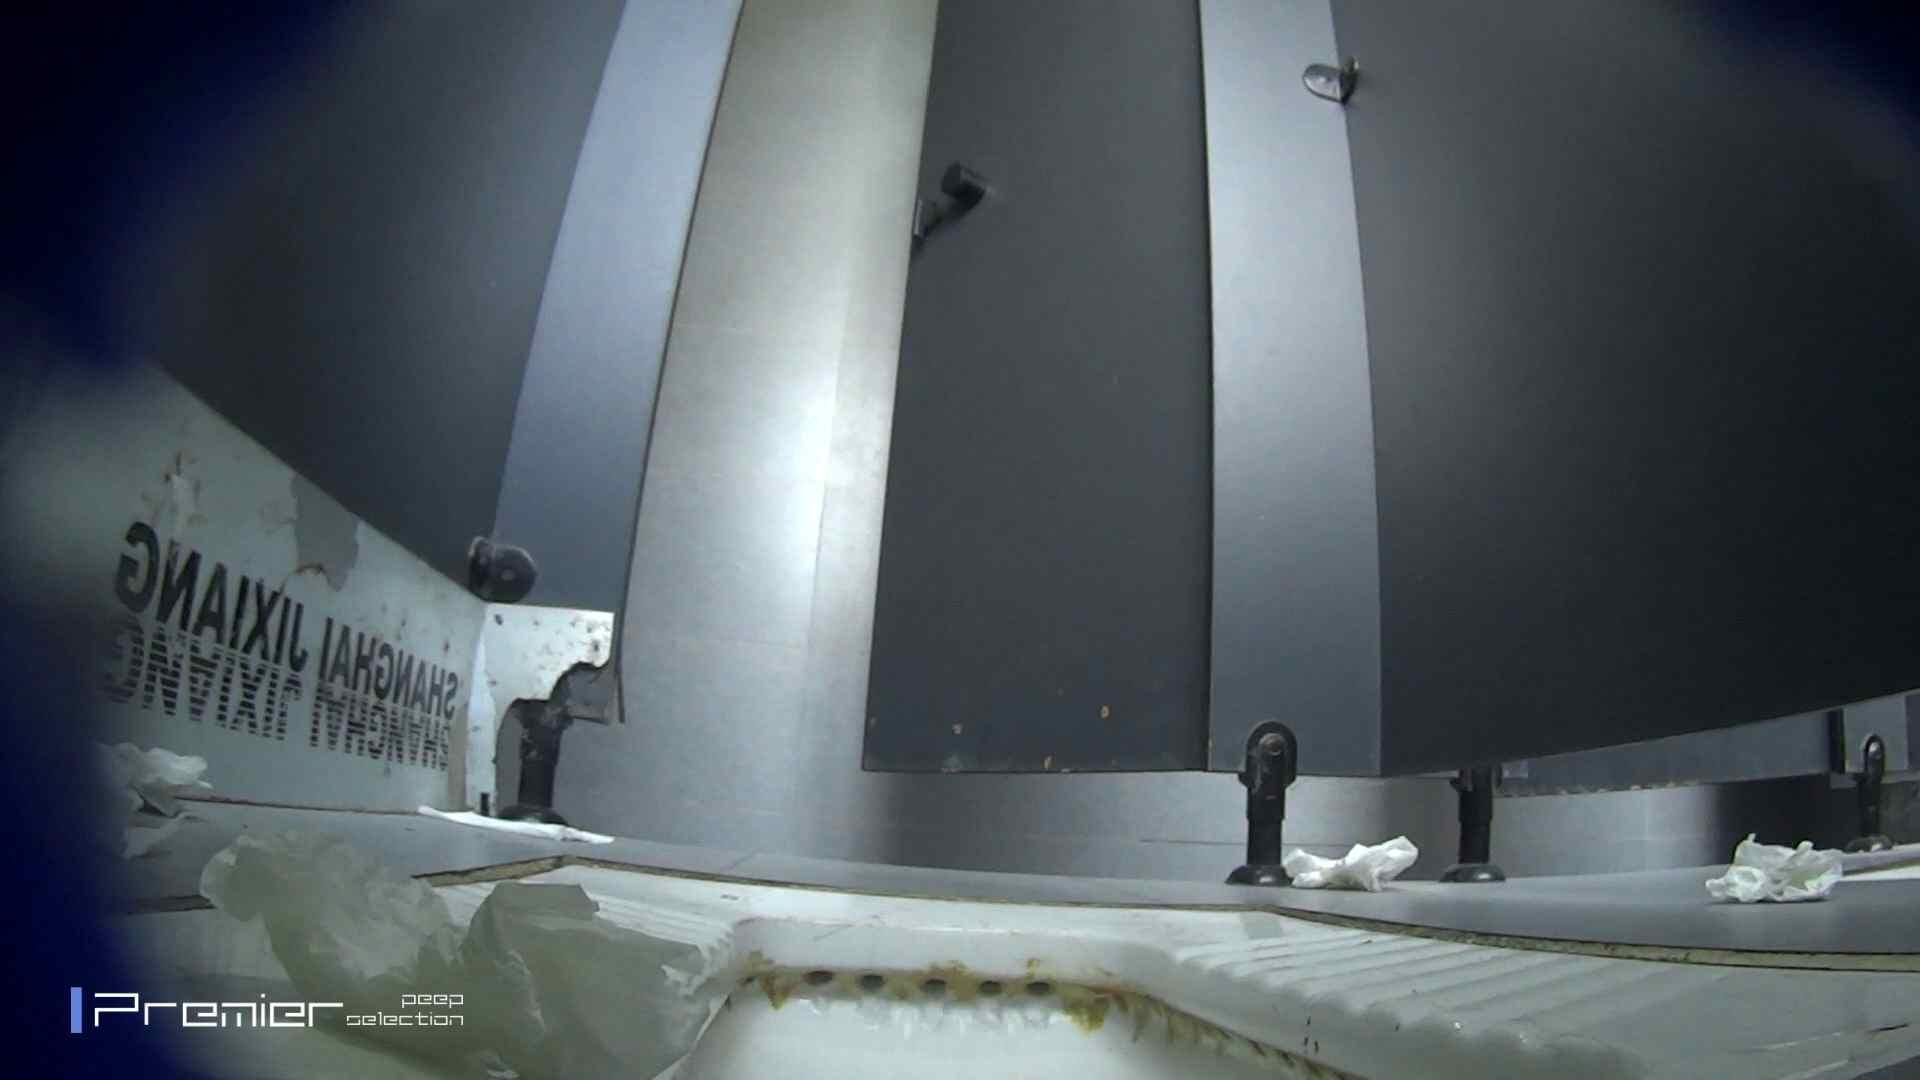 聖水ダラダラ色美女の洗面所 大学休憩時間の洗面所事情55 美肌 オメコ動画キャプチャ 99枚 93